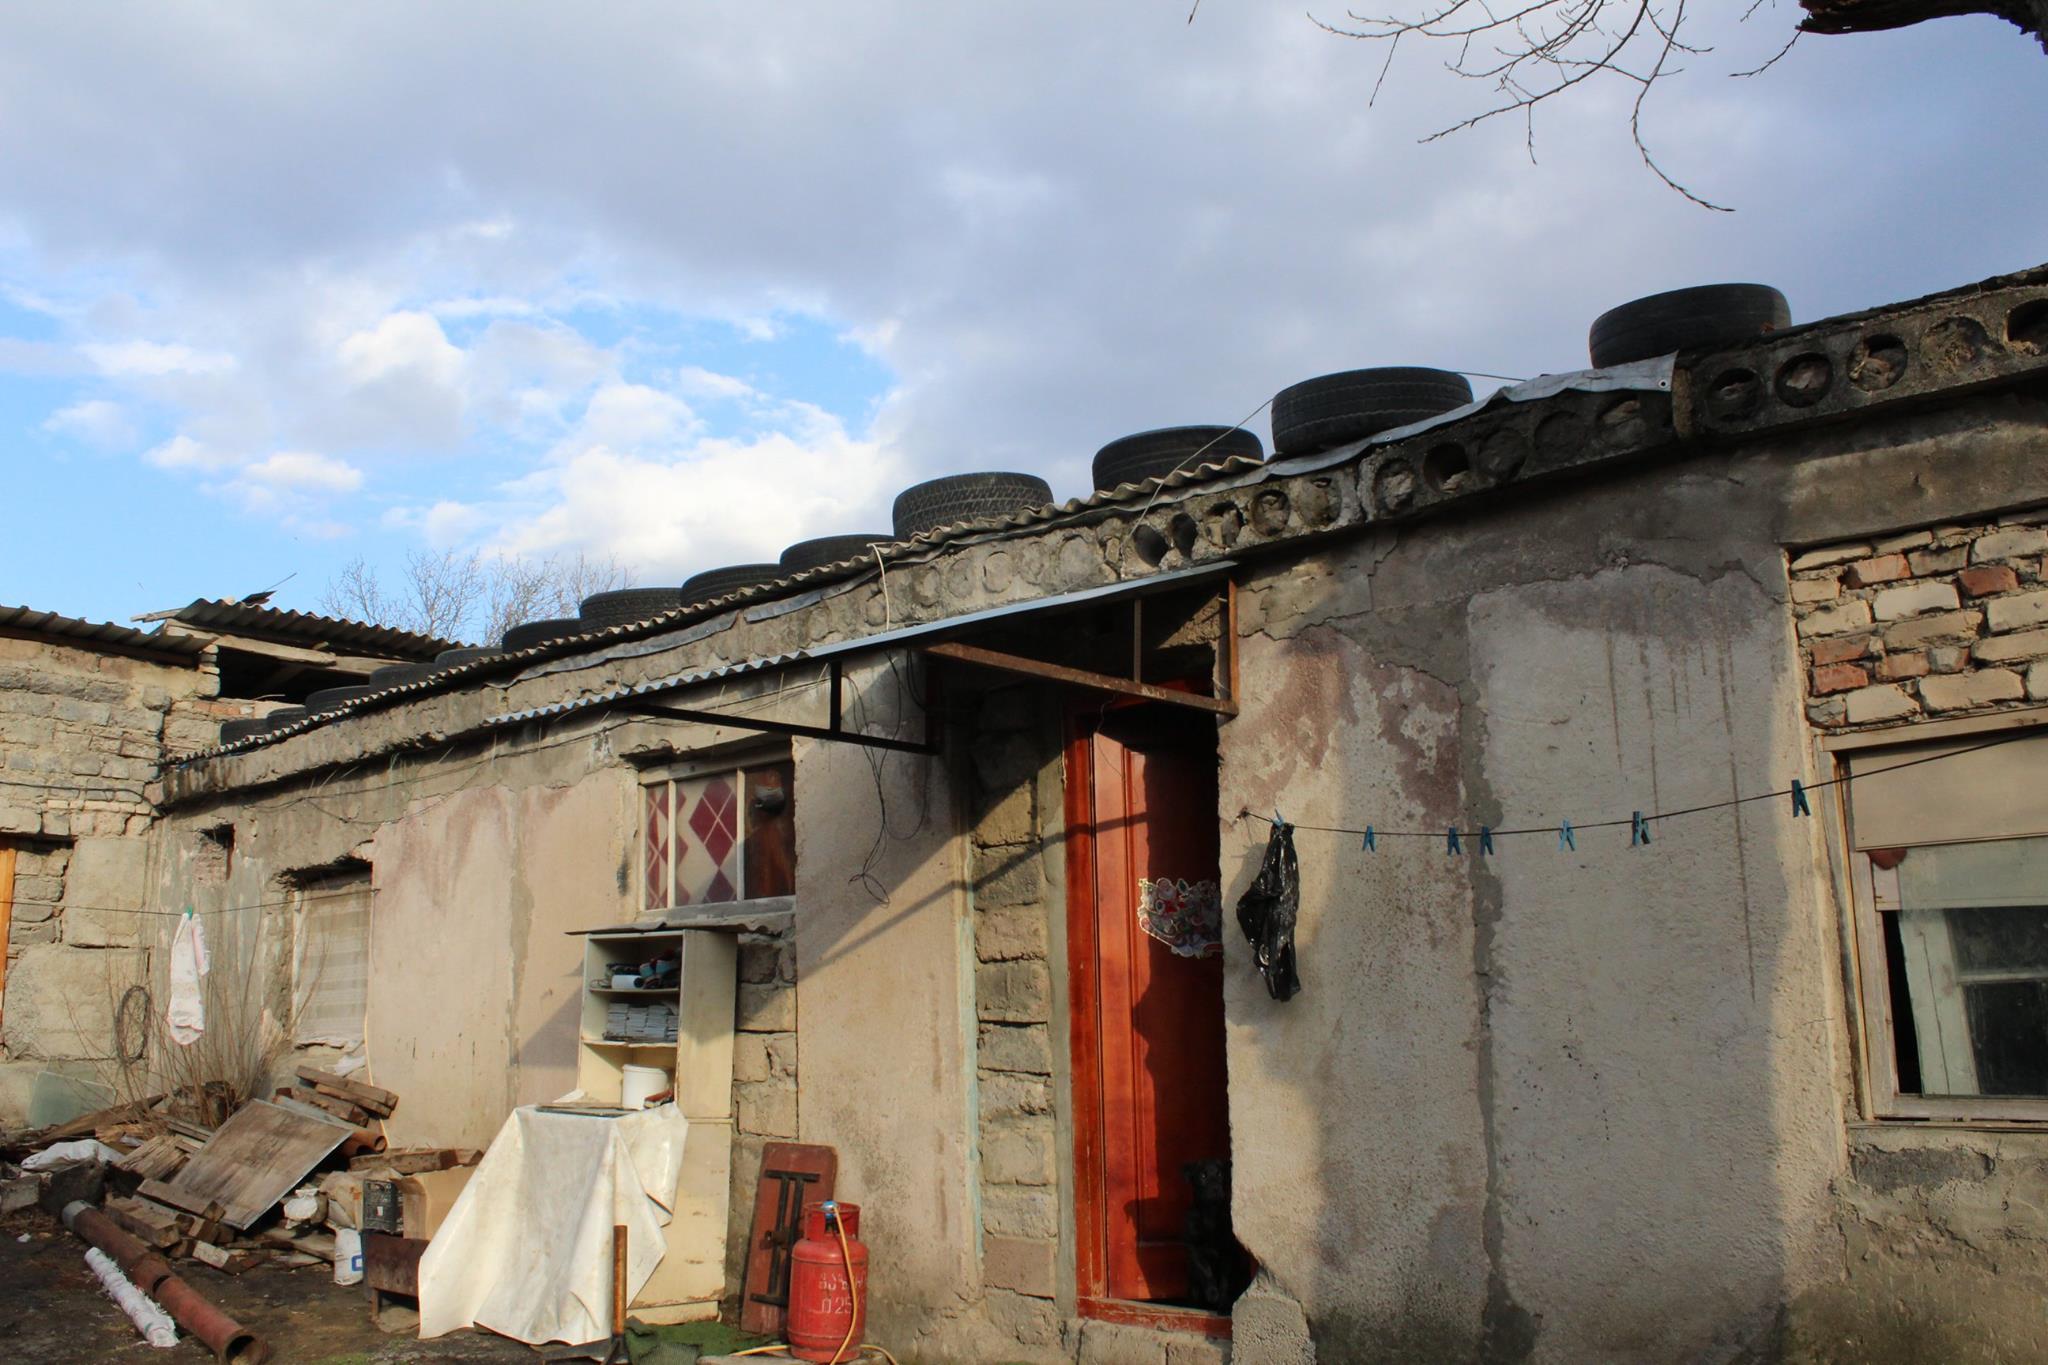 ავტომობილის ბორბლებითა და სხვა სიმძმეებით დამაგრებული სახურავები. ფოტო: გიორგი დიასამიძე/ნეტგაზეთი